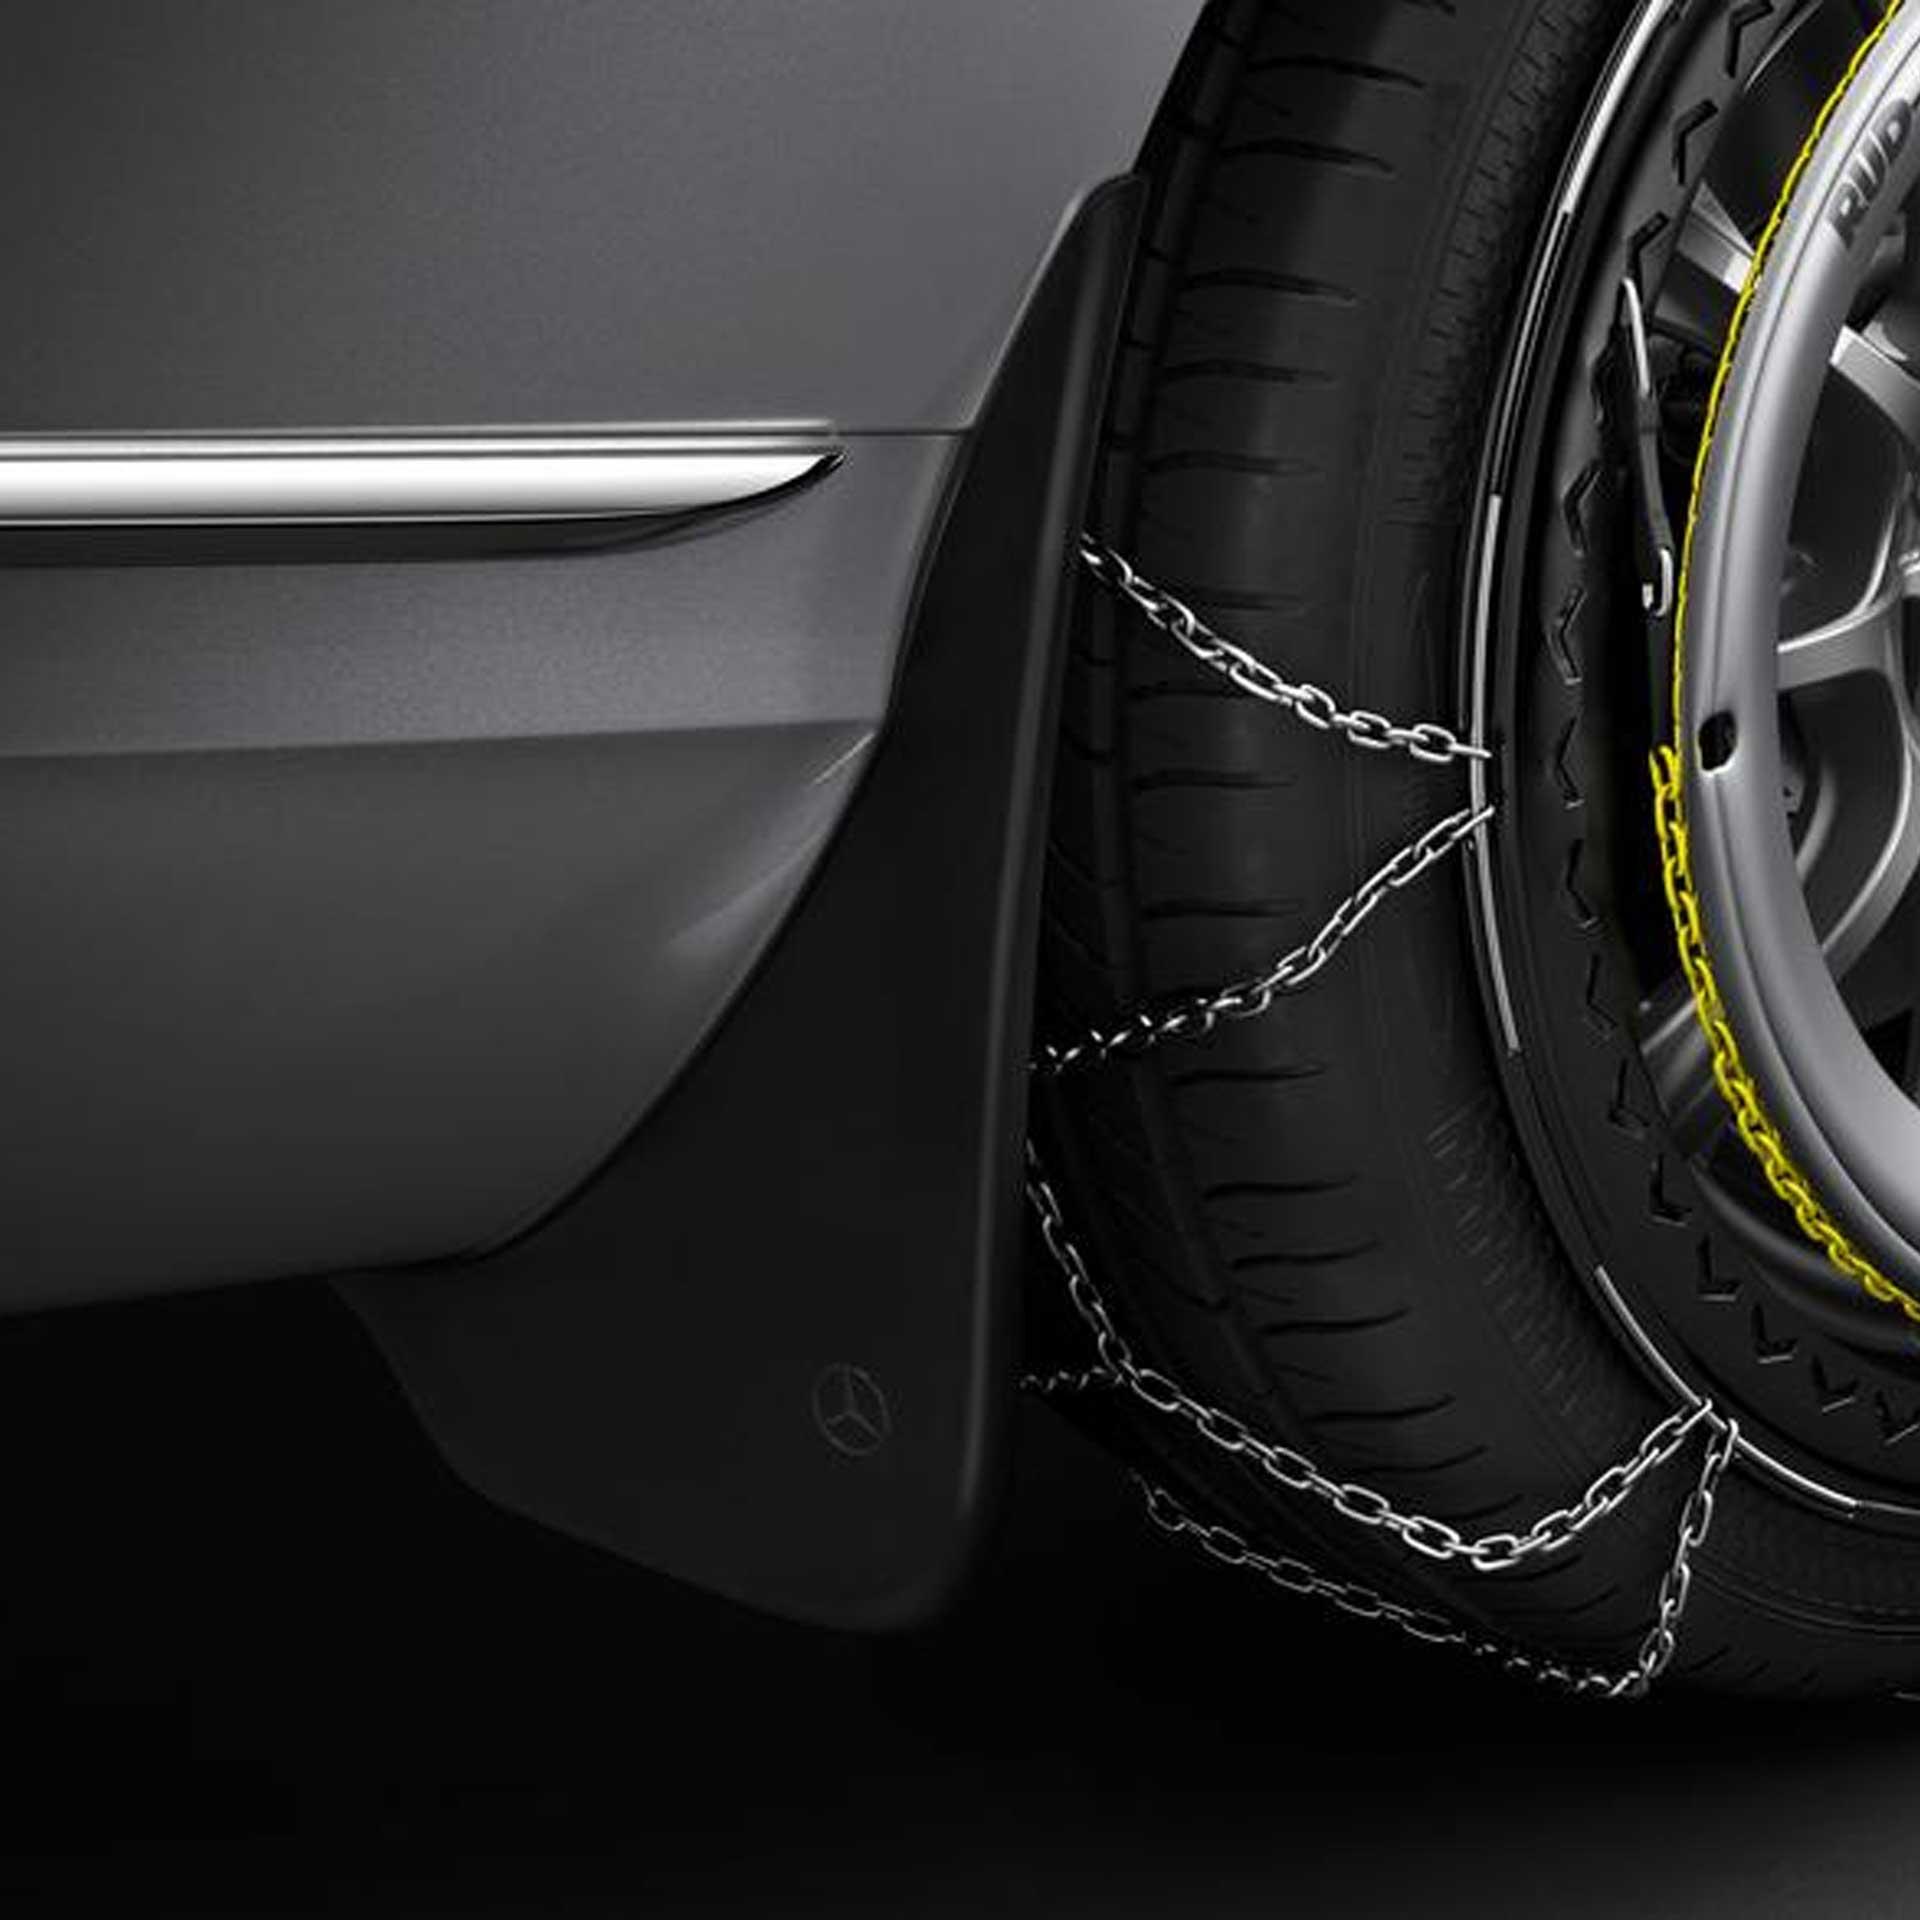 Mercedes-Benz Schmutzfänger C-Klasse 206 Satz vorne schwarz